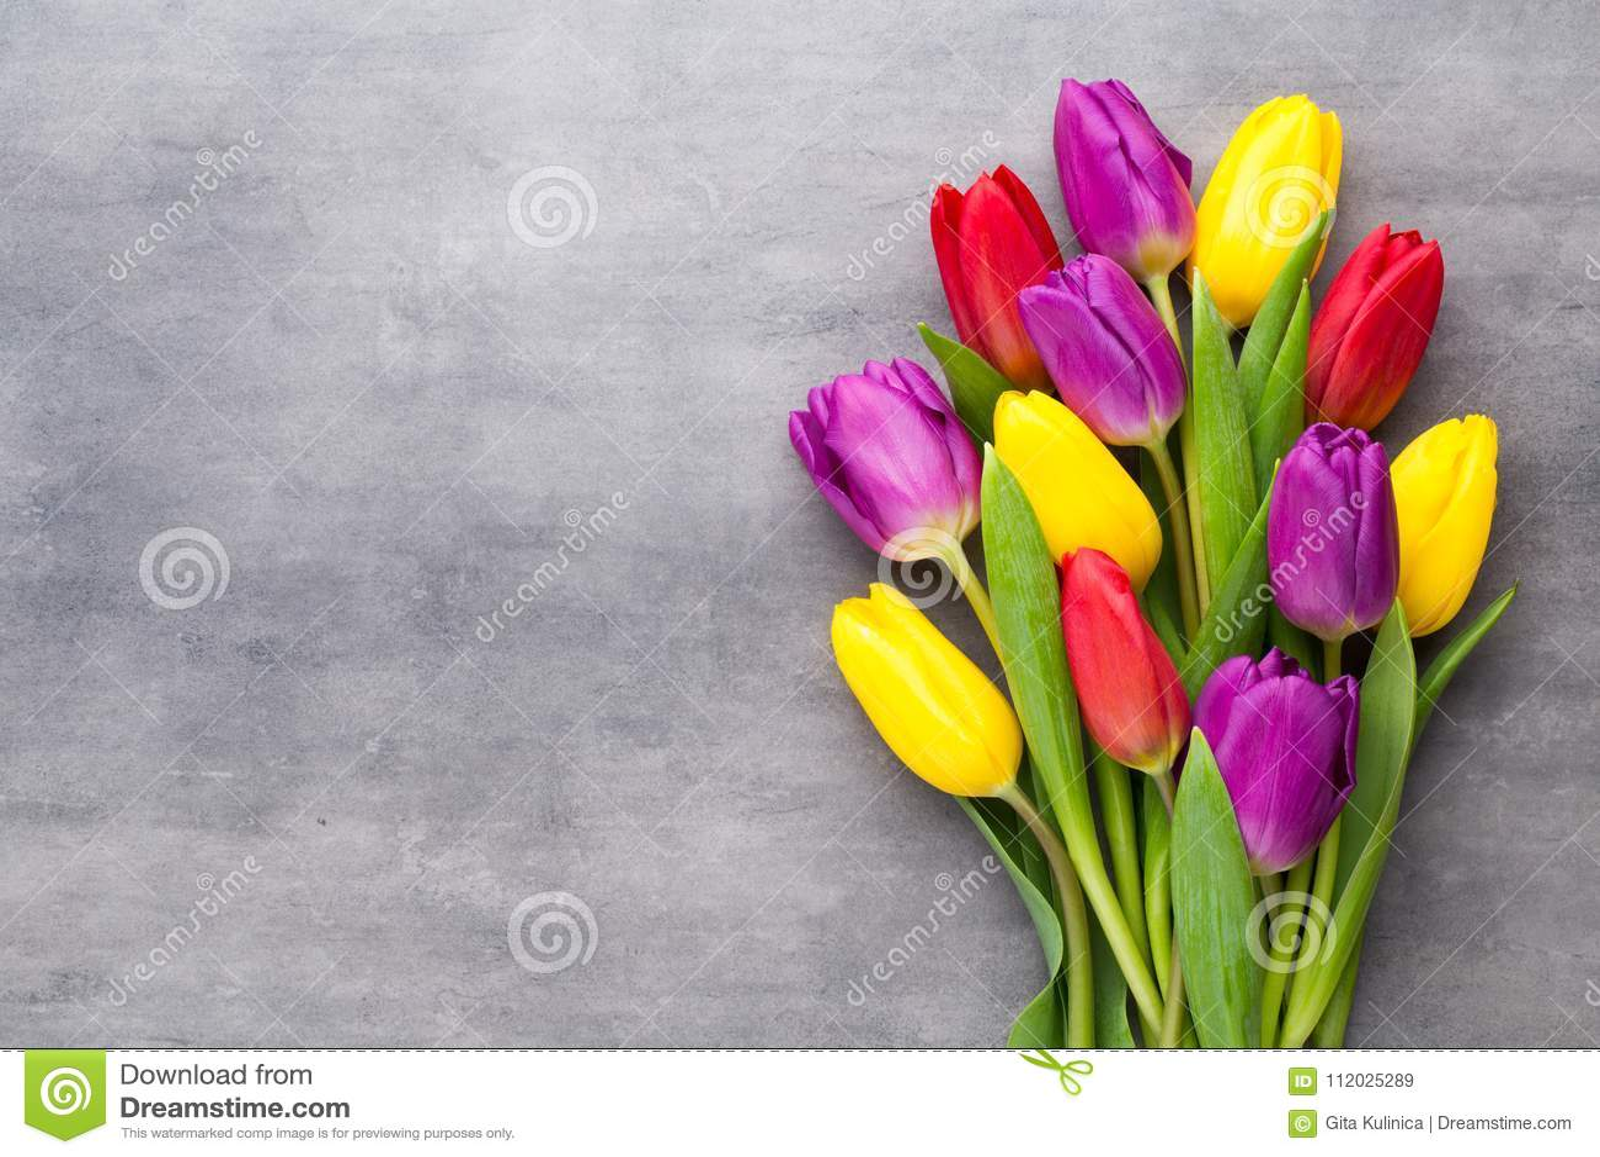 Multicolored de lentebloemen, tulp op een grijze achtergrond